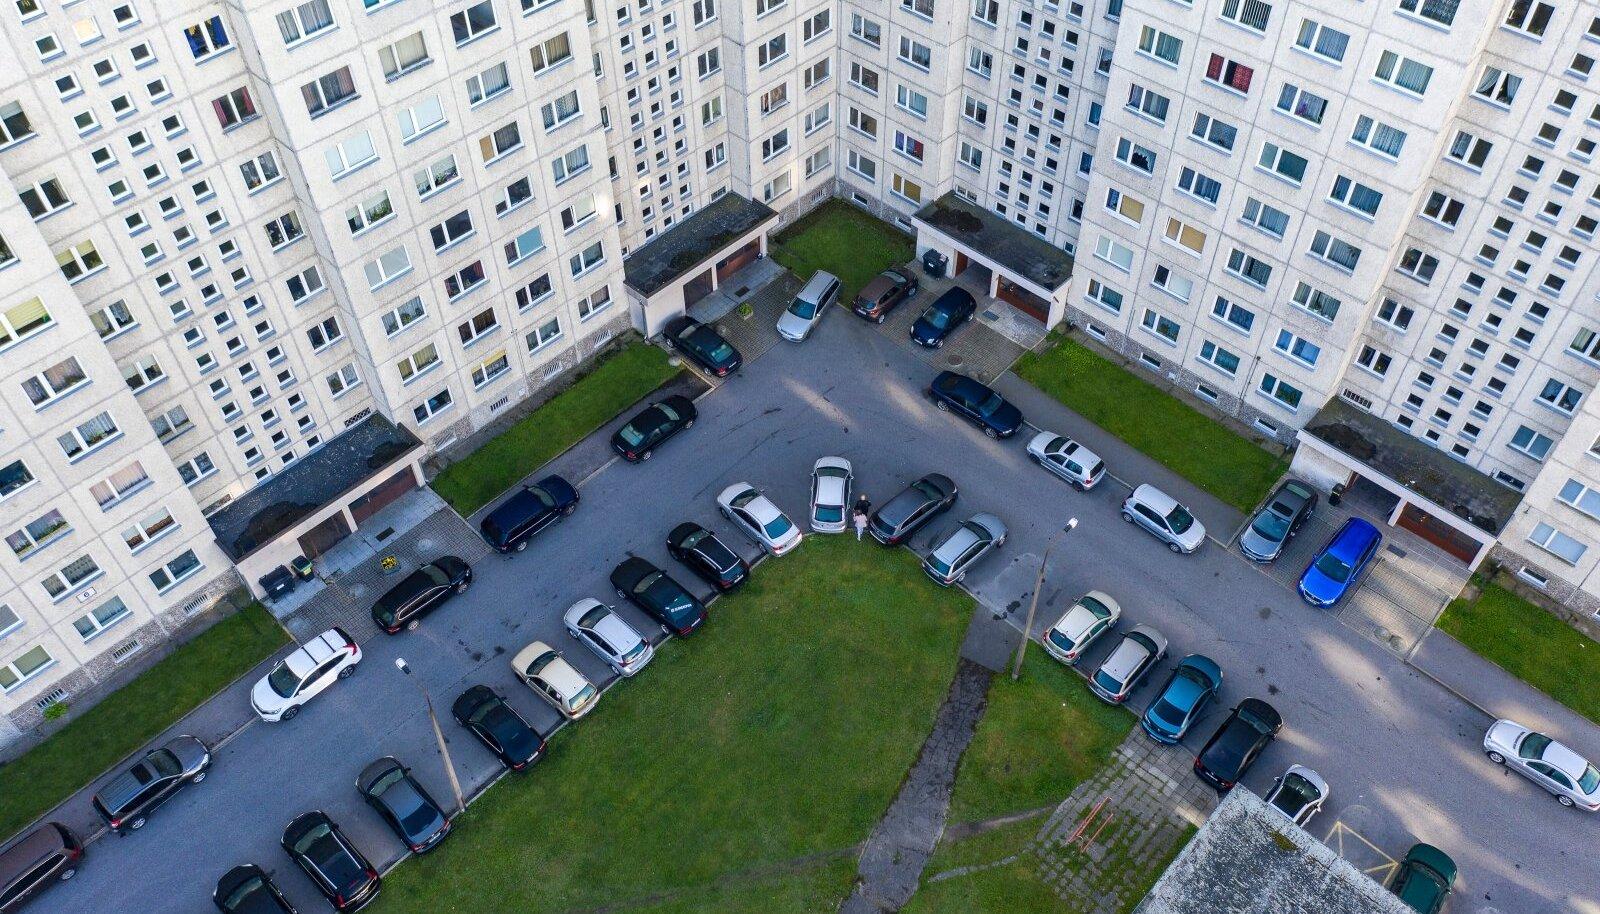 Eestis, eriti Tallinnas ja Harjumaal on väga palju autosid. Üks põhjus on ilmselt see, et autot omada on Eestis mugav, mitte koormav.